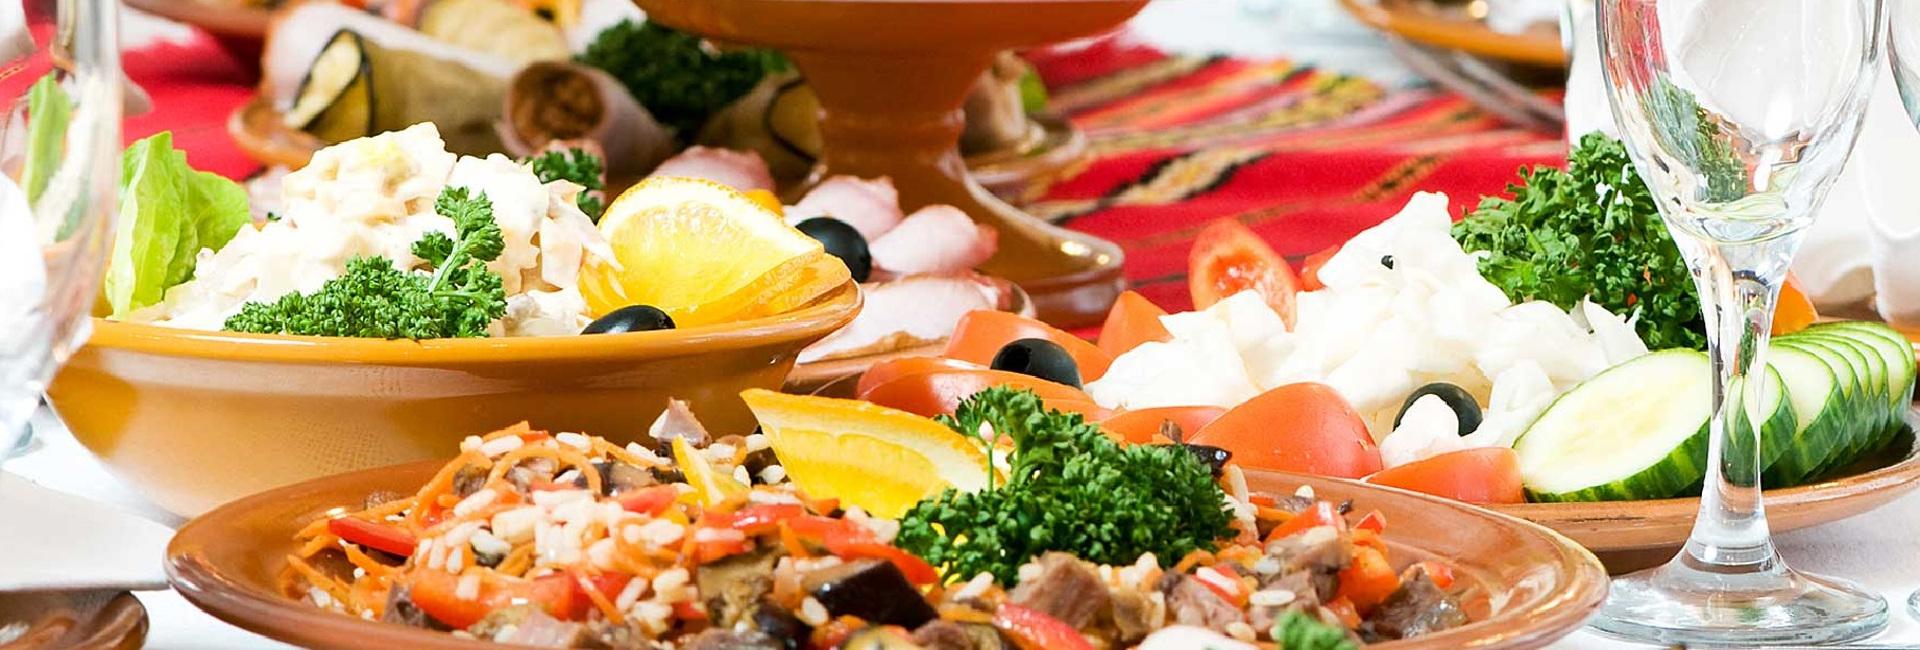 menu per celiaci, intolleranze alimentari, vegetariani e kosher a bordo delle navi da crociera